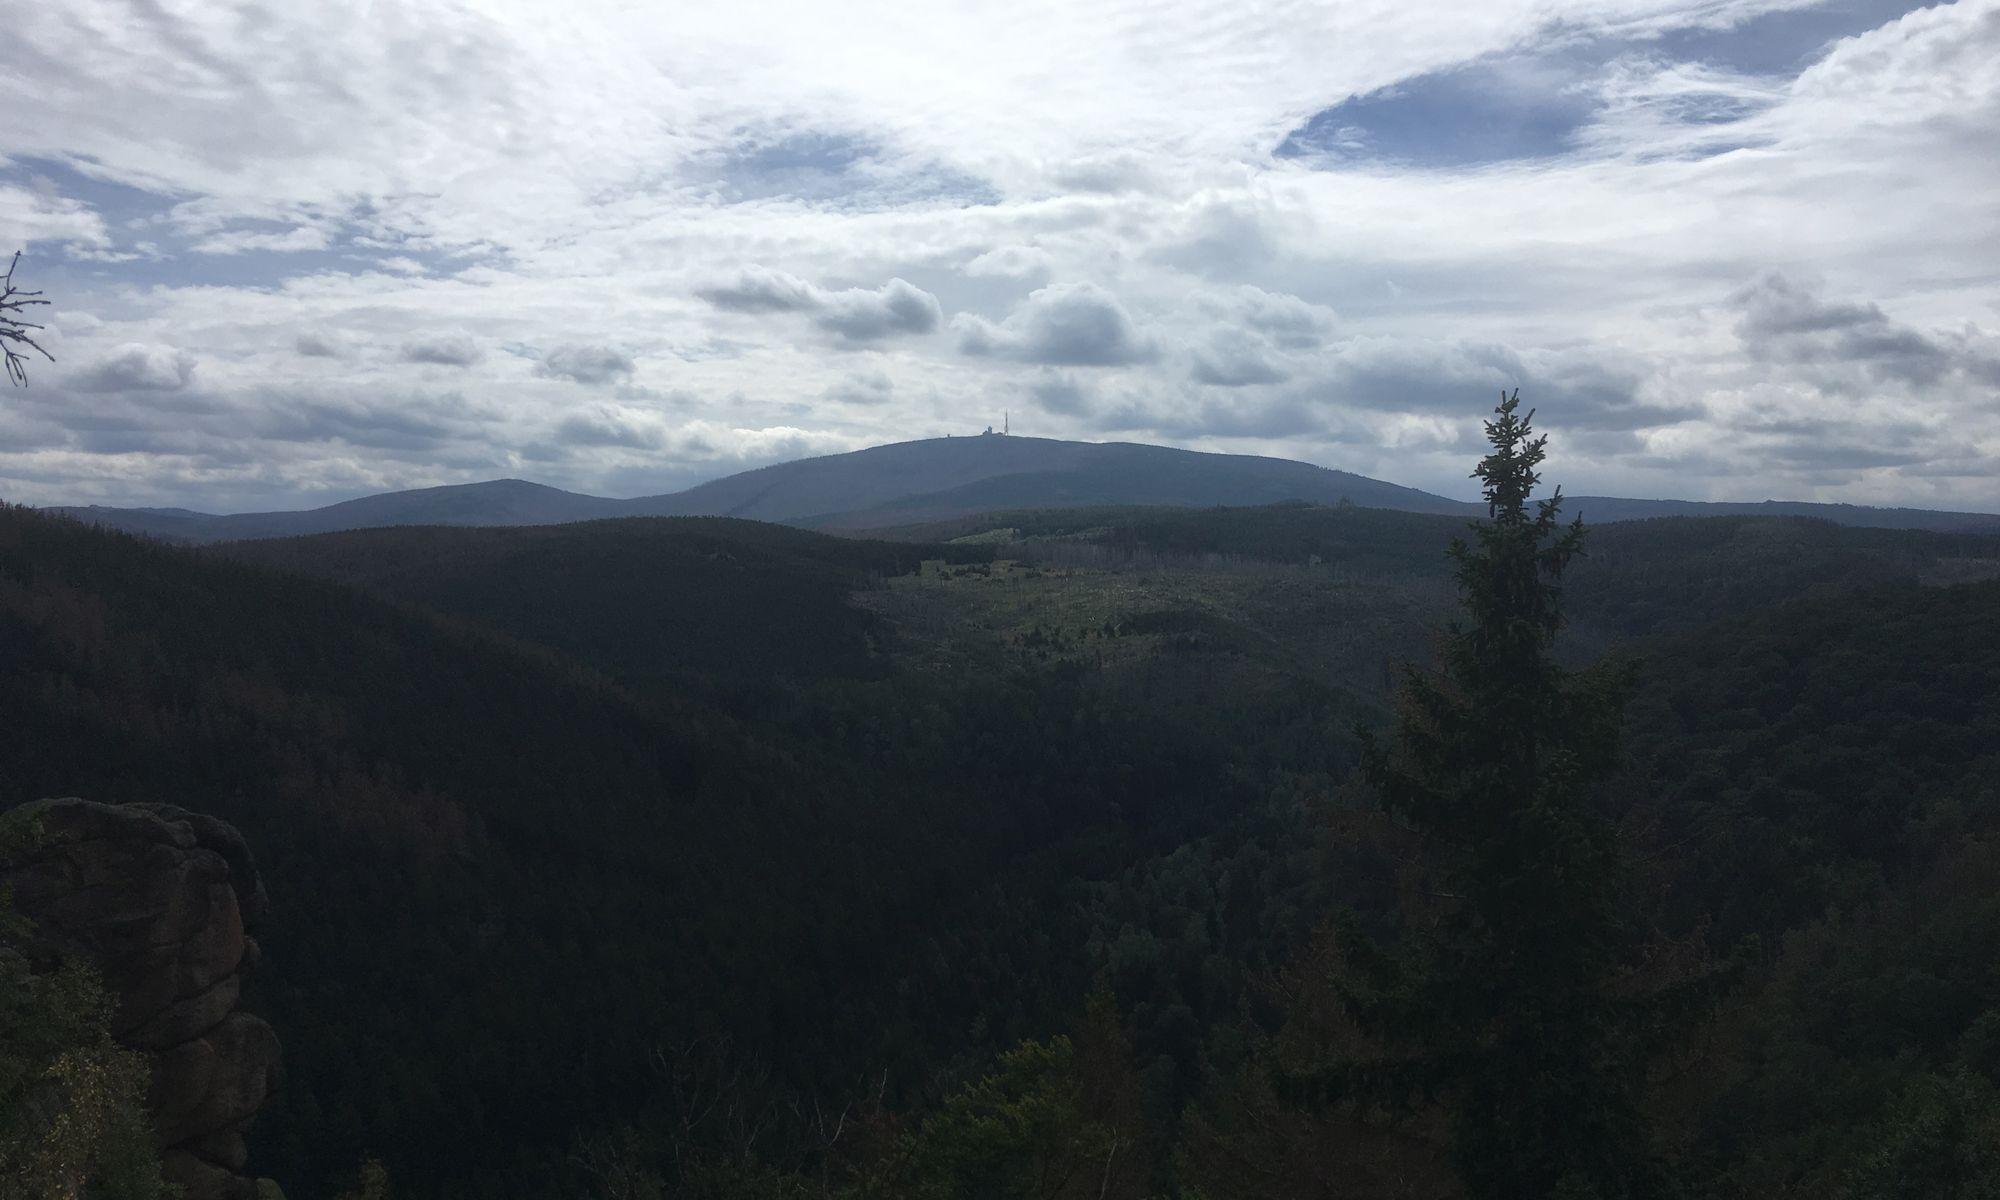 Wanderung zu den Rabenklippen - Blick auf den Brocken von der Rabenklippe